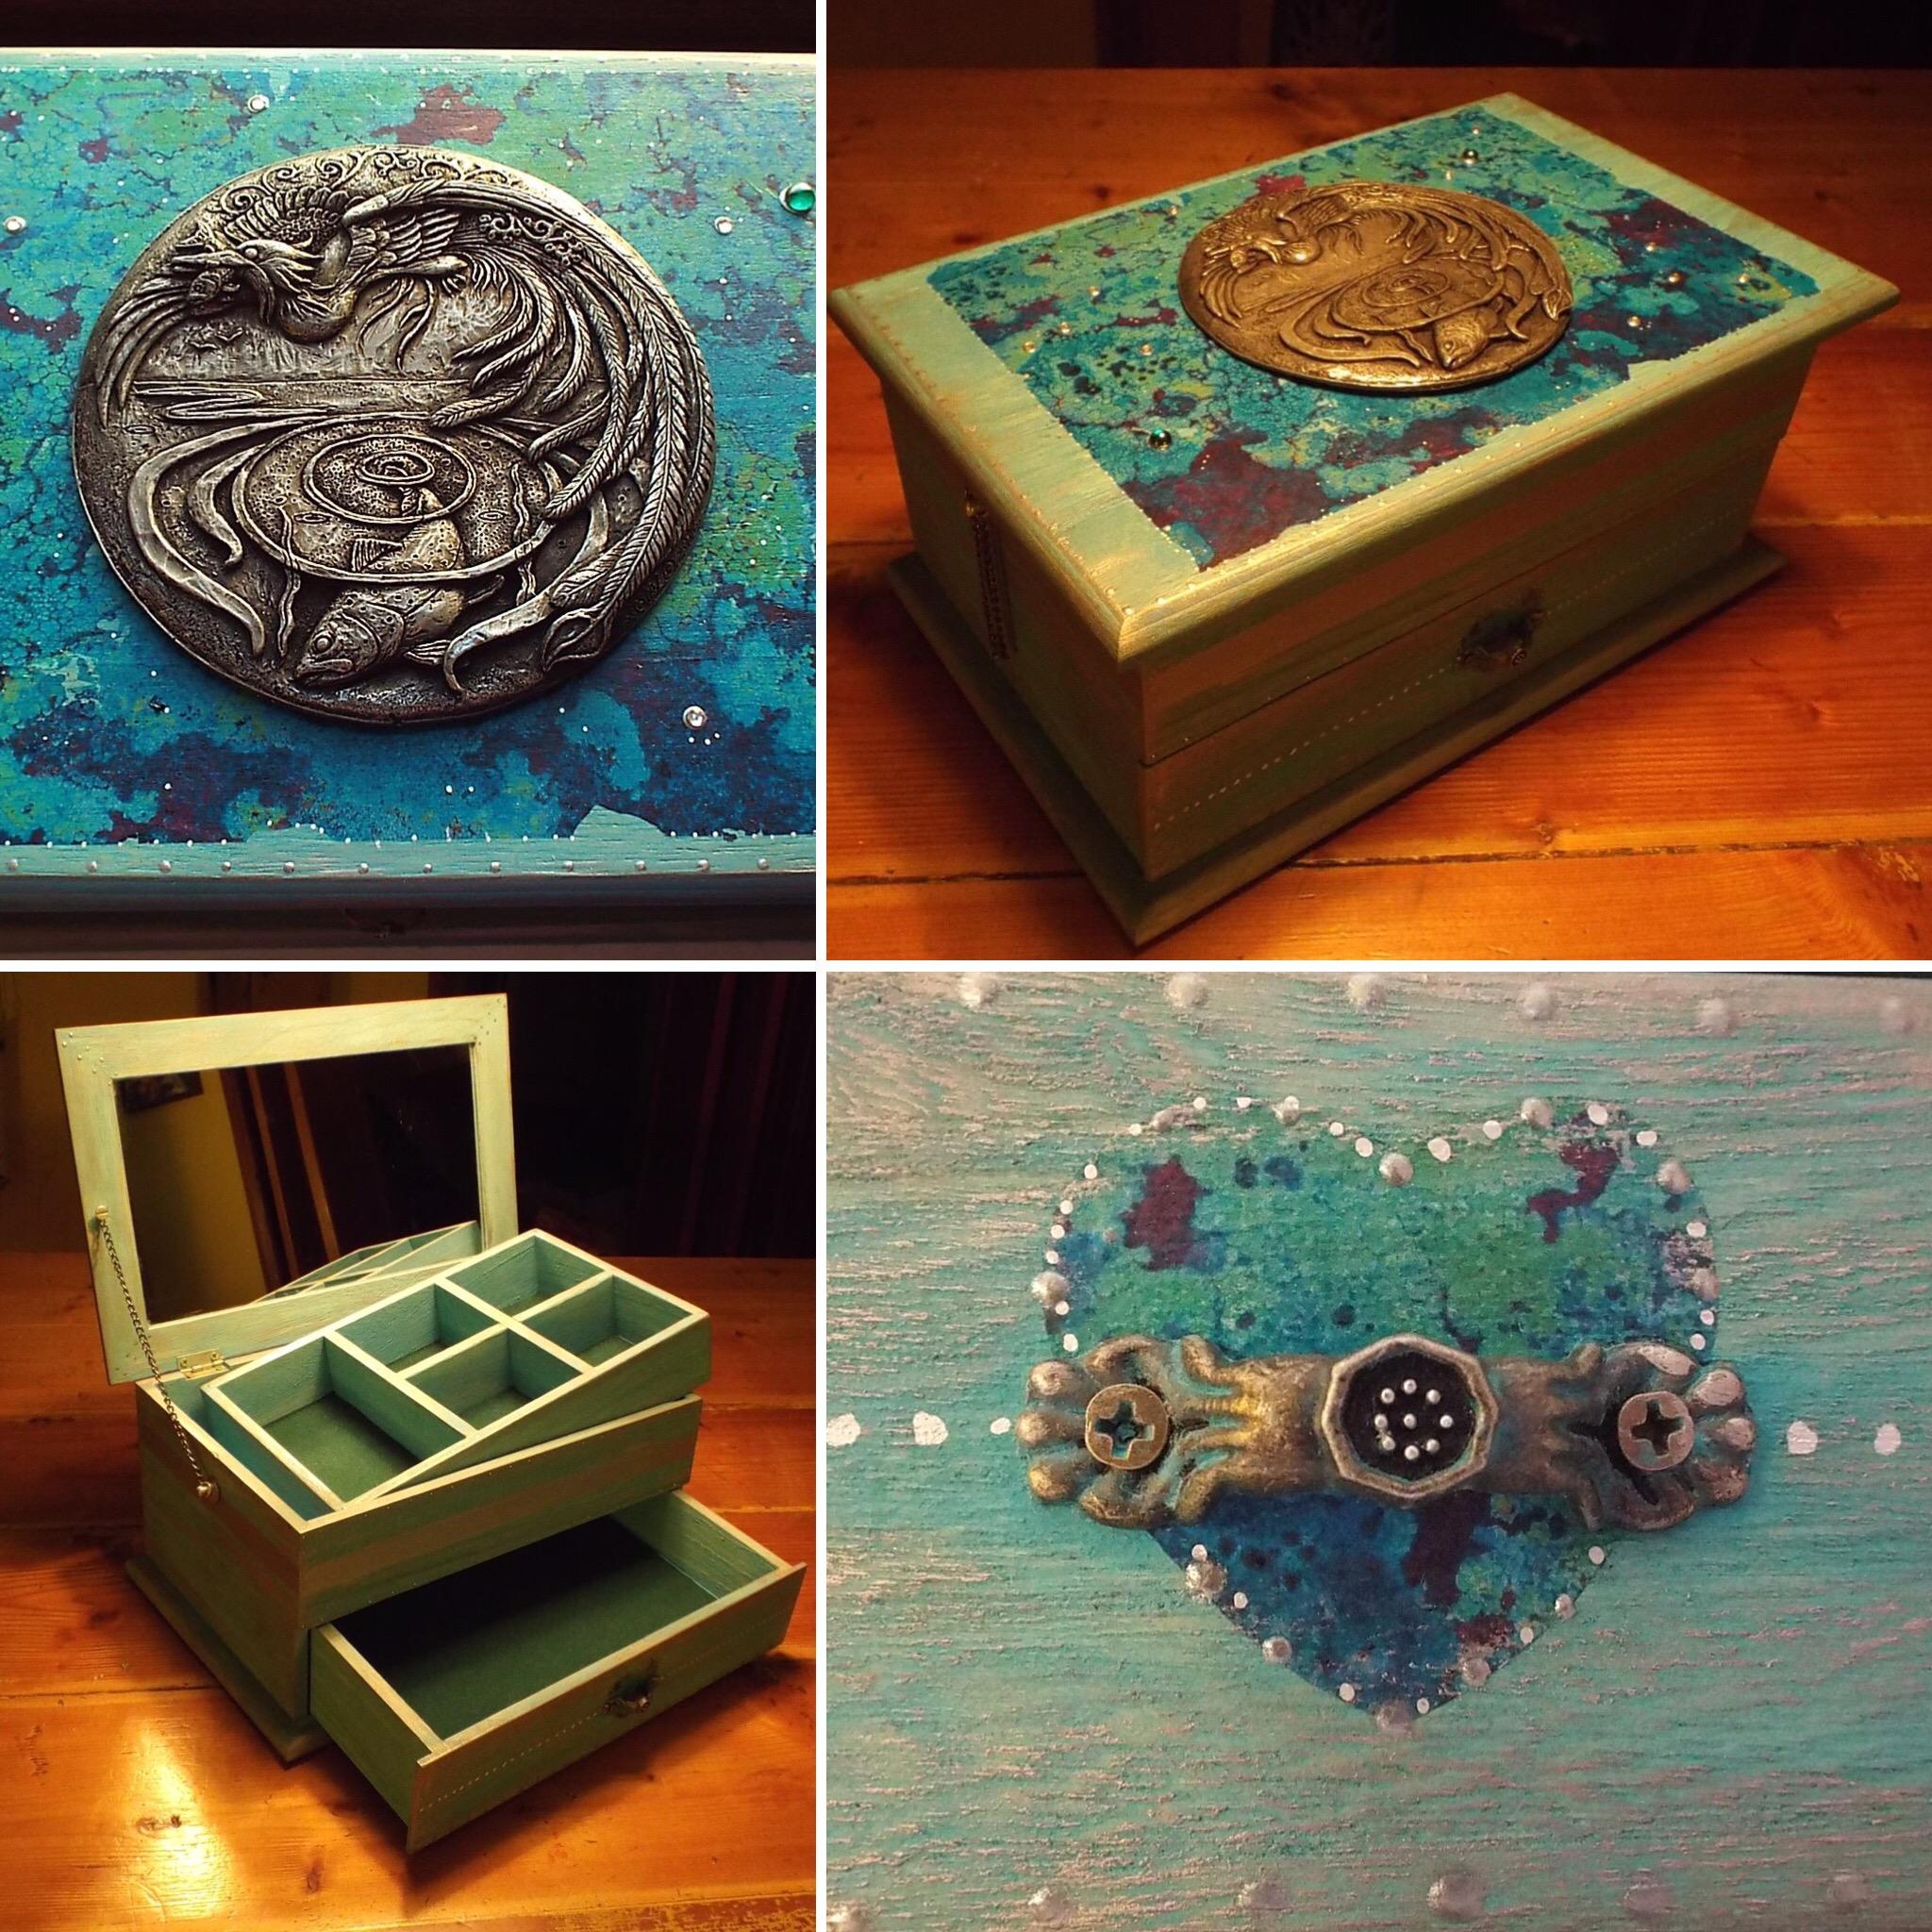 Halcyon Days jewellery box